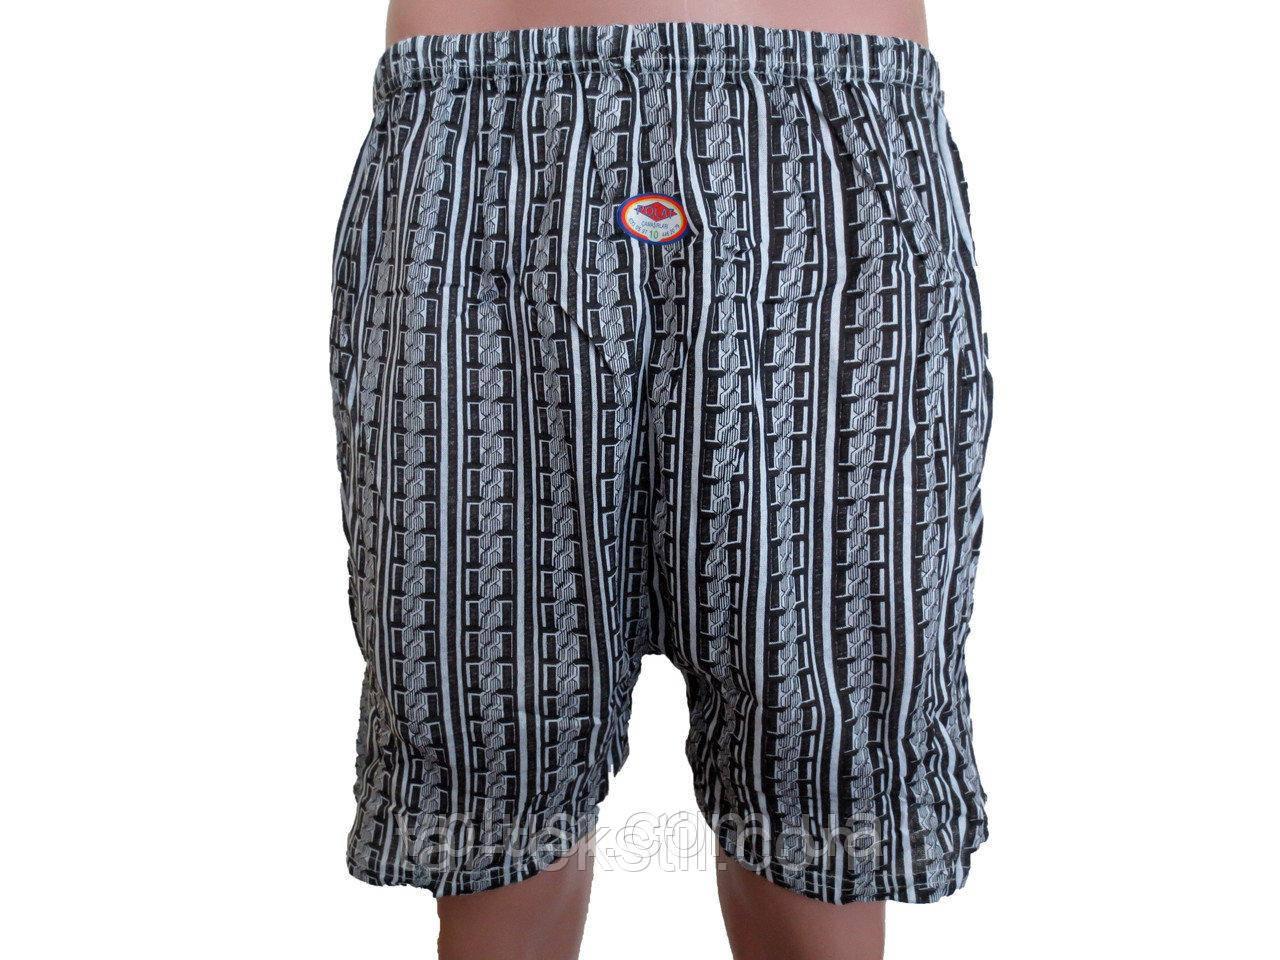 Трусы мужские шортами POLAT рисунок в ромбик №10 (50-54р)